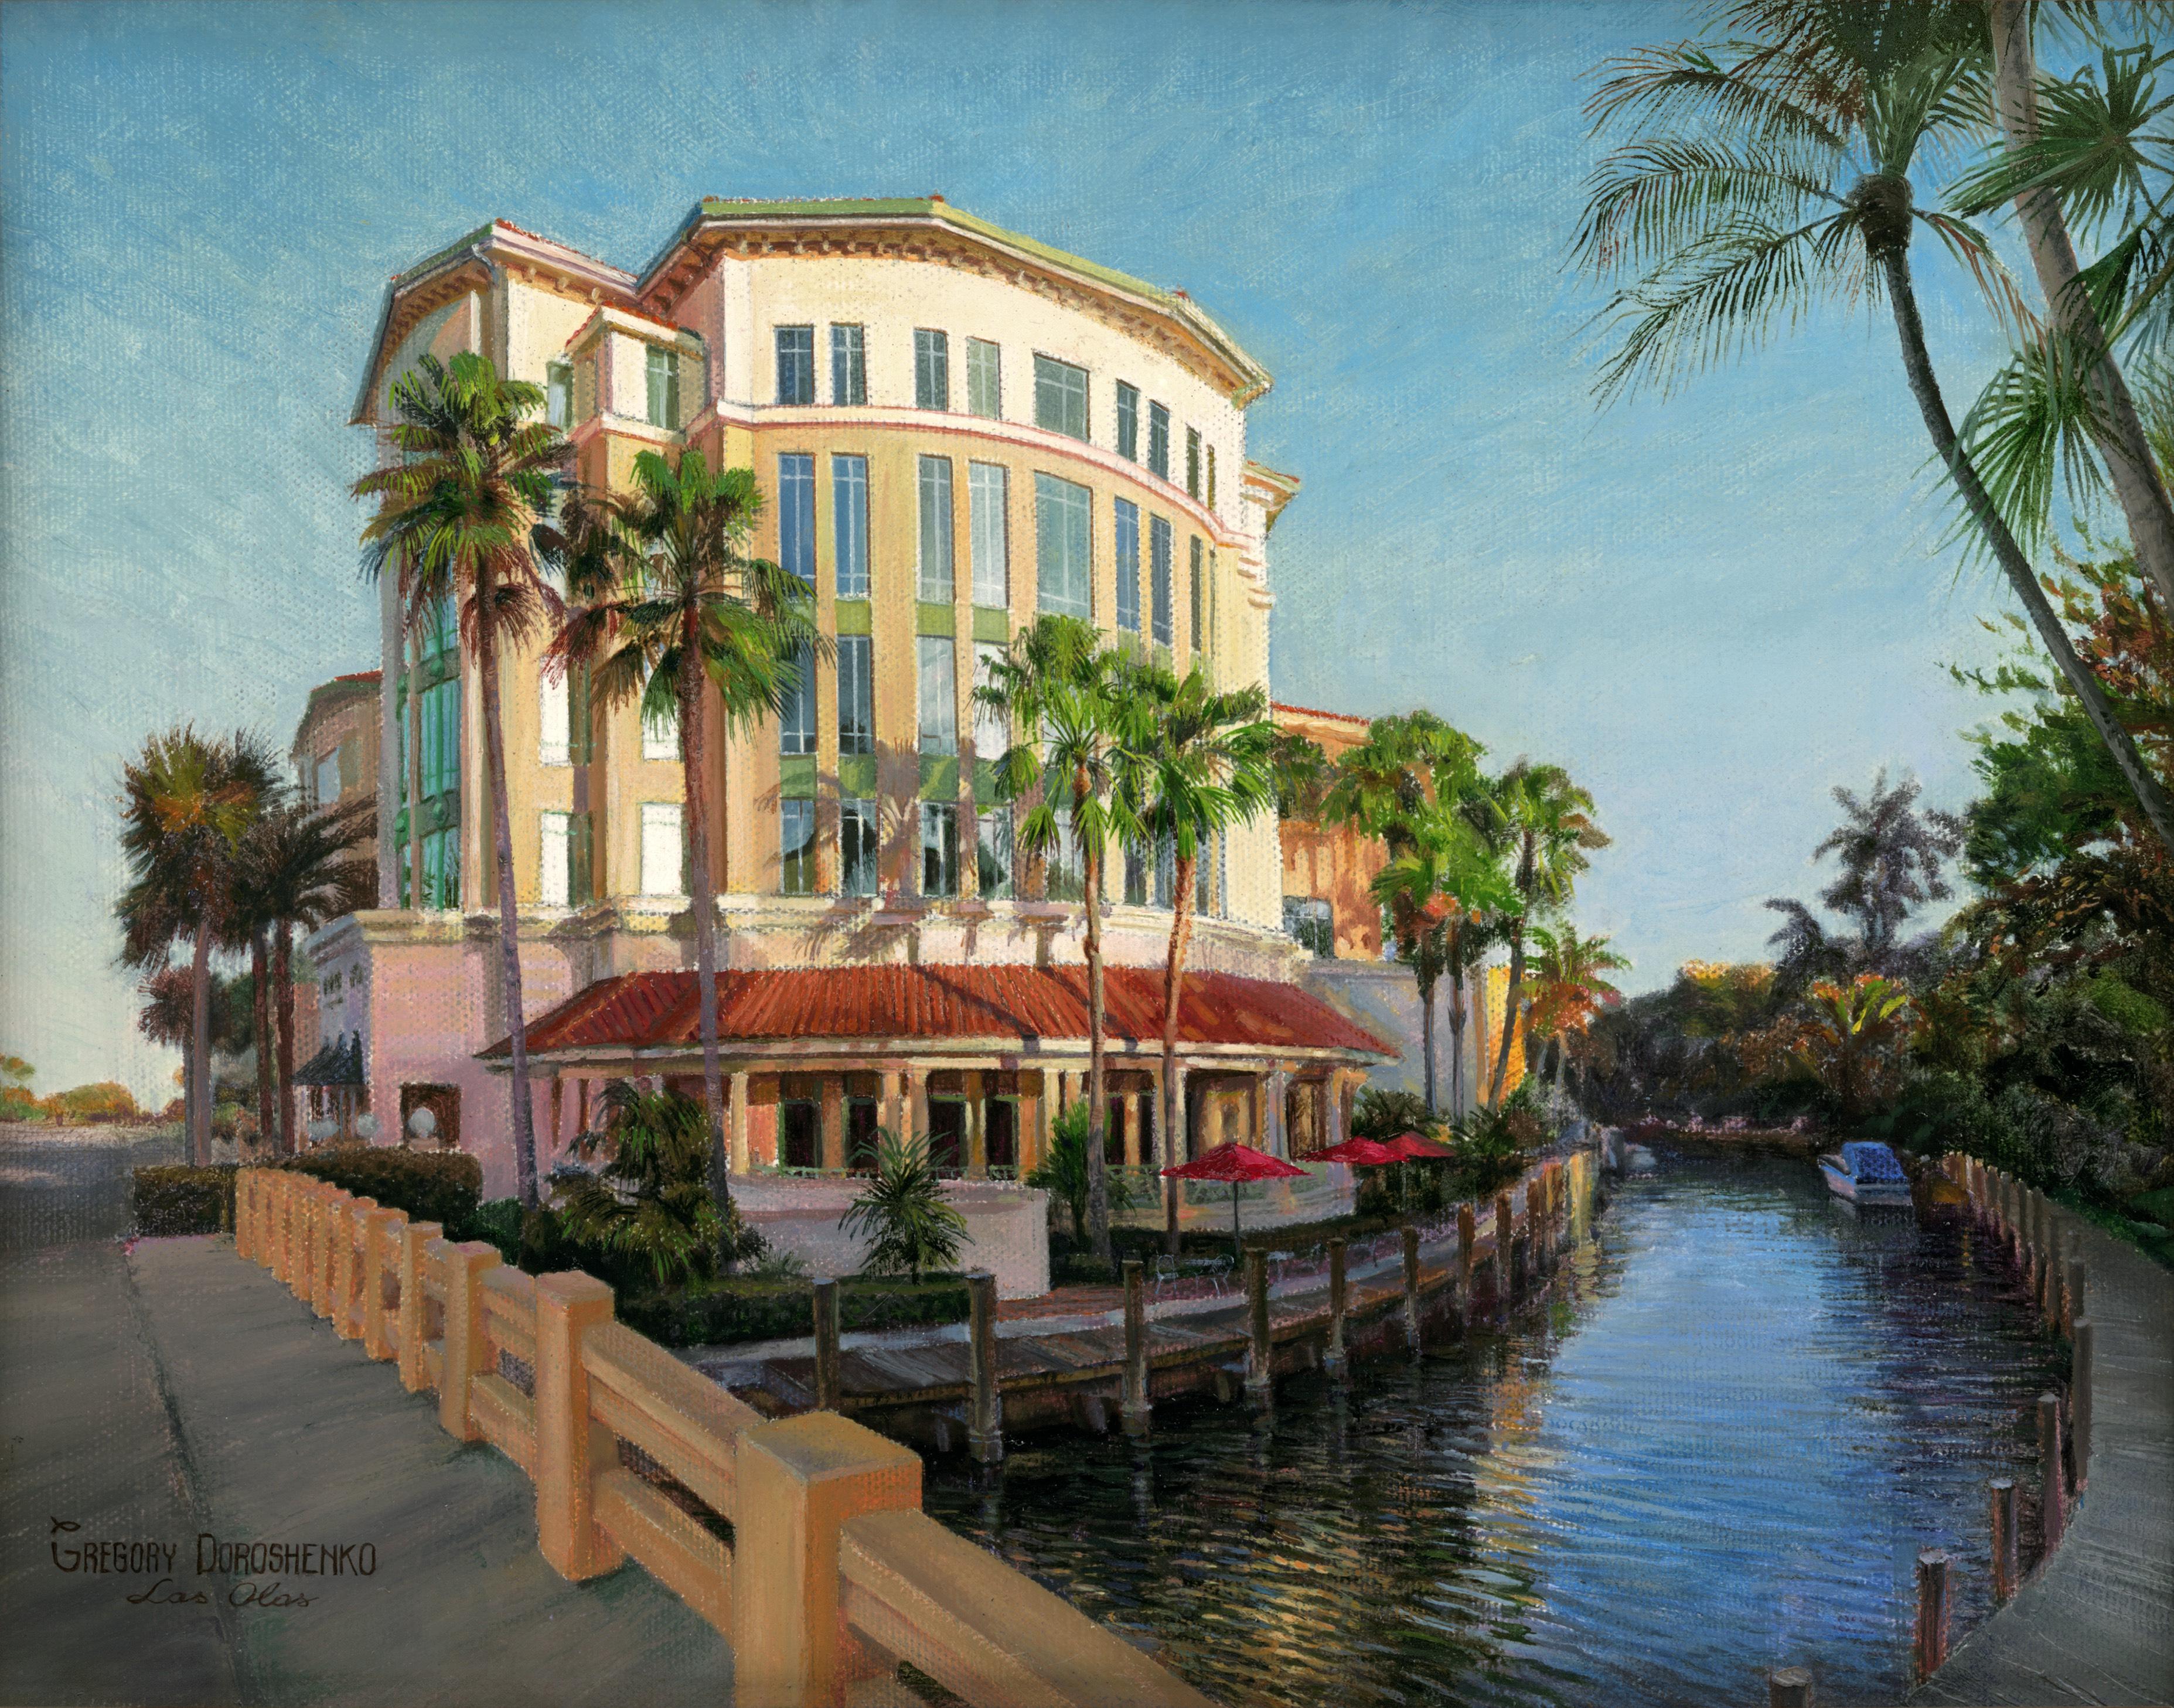 Building at Las Olas. Oil on Canvas